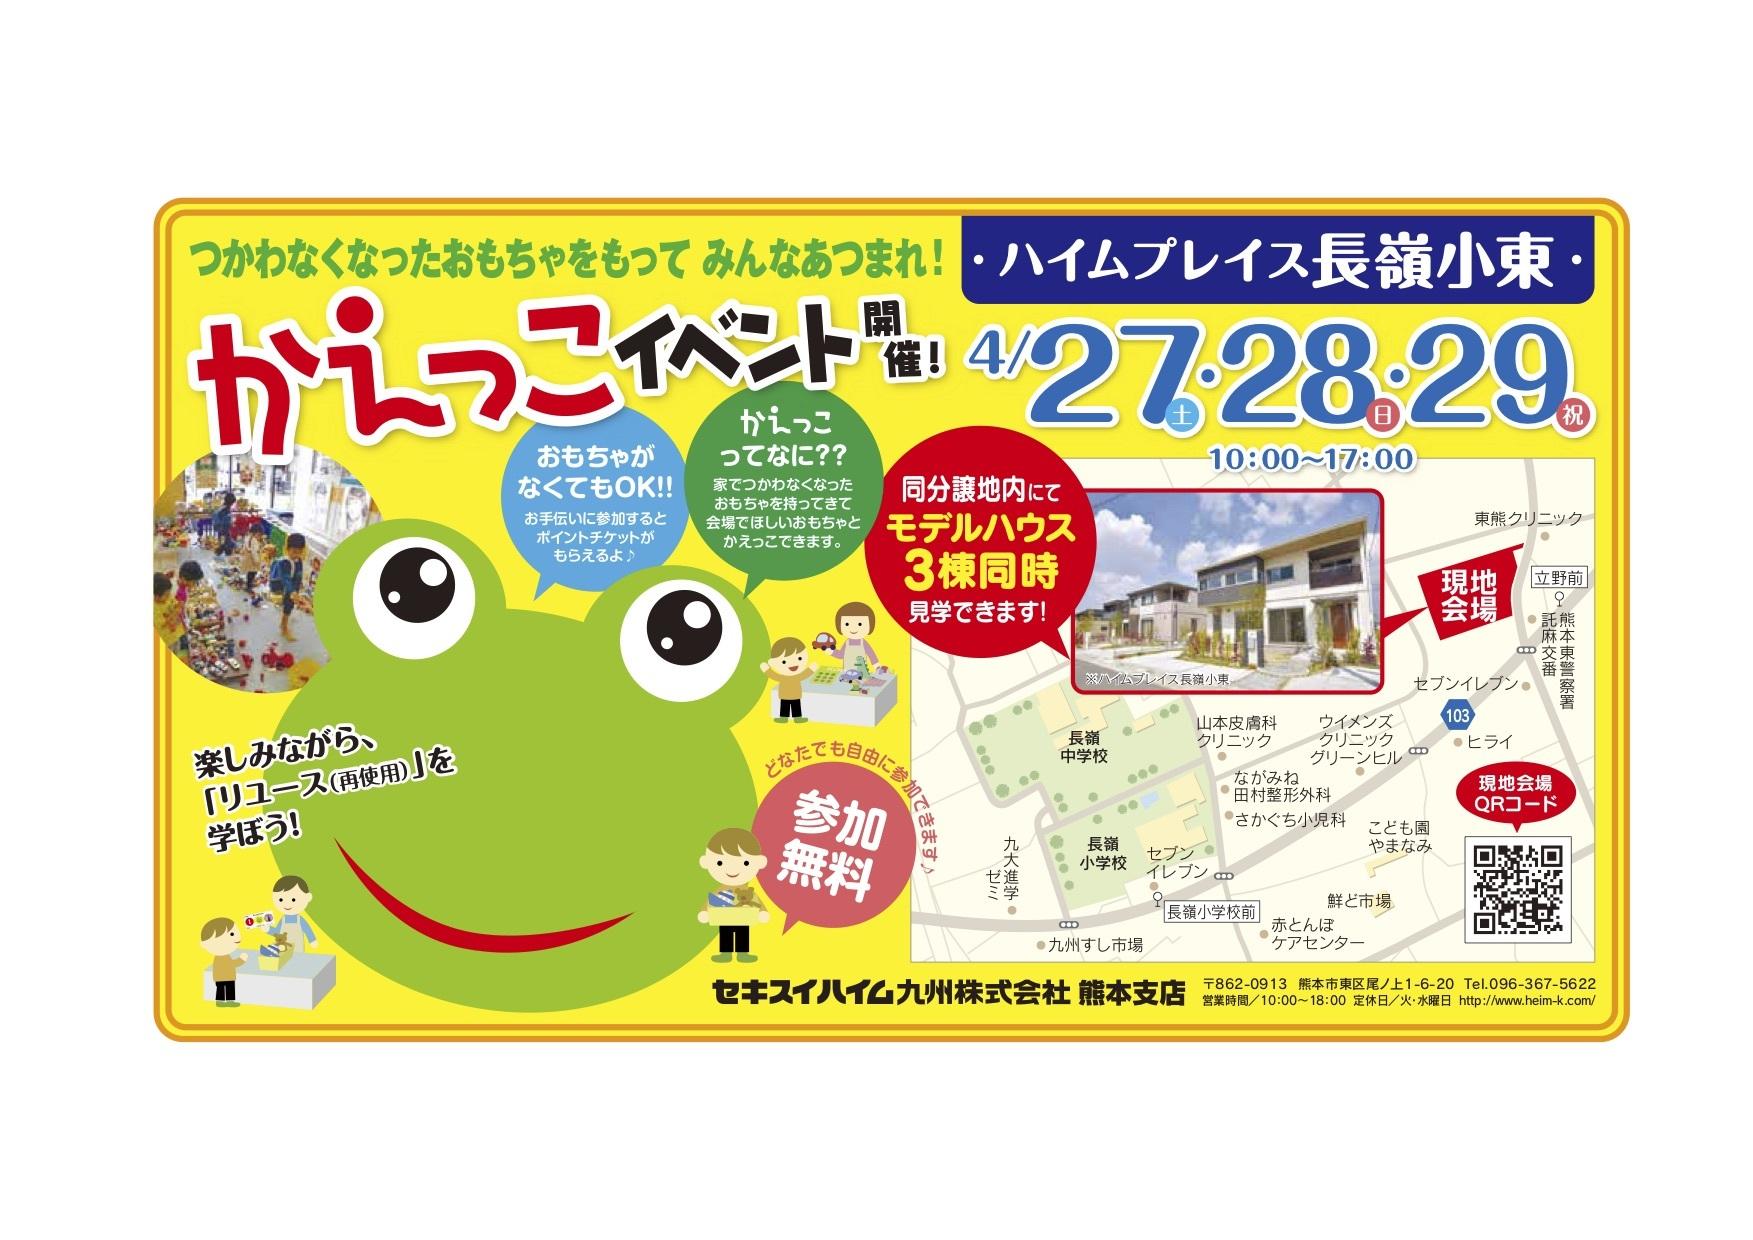 熊本県熊本市からの開催情報_b0087598_14102944.jpg